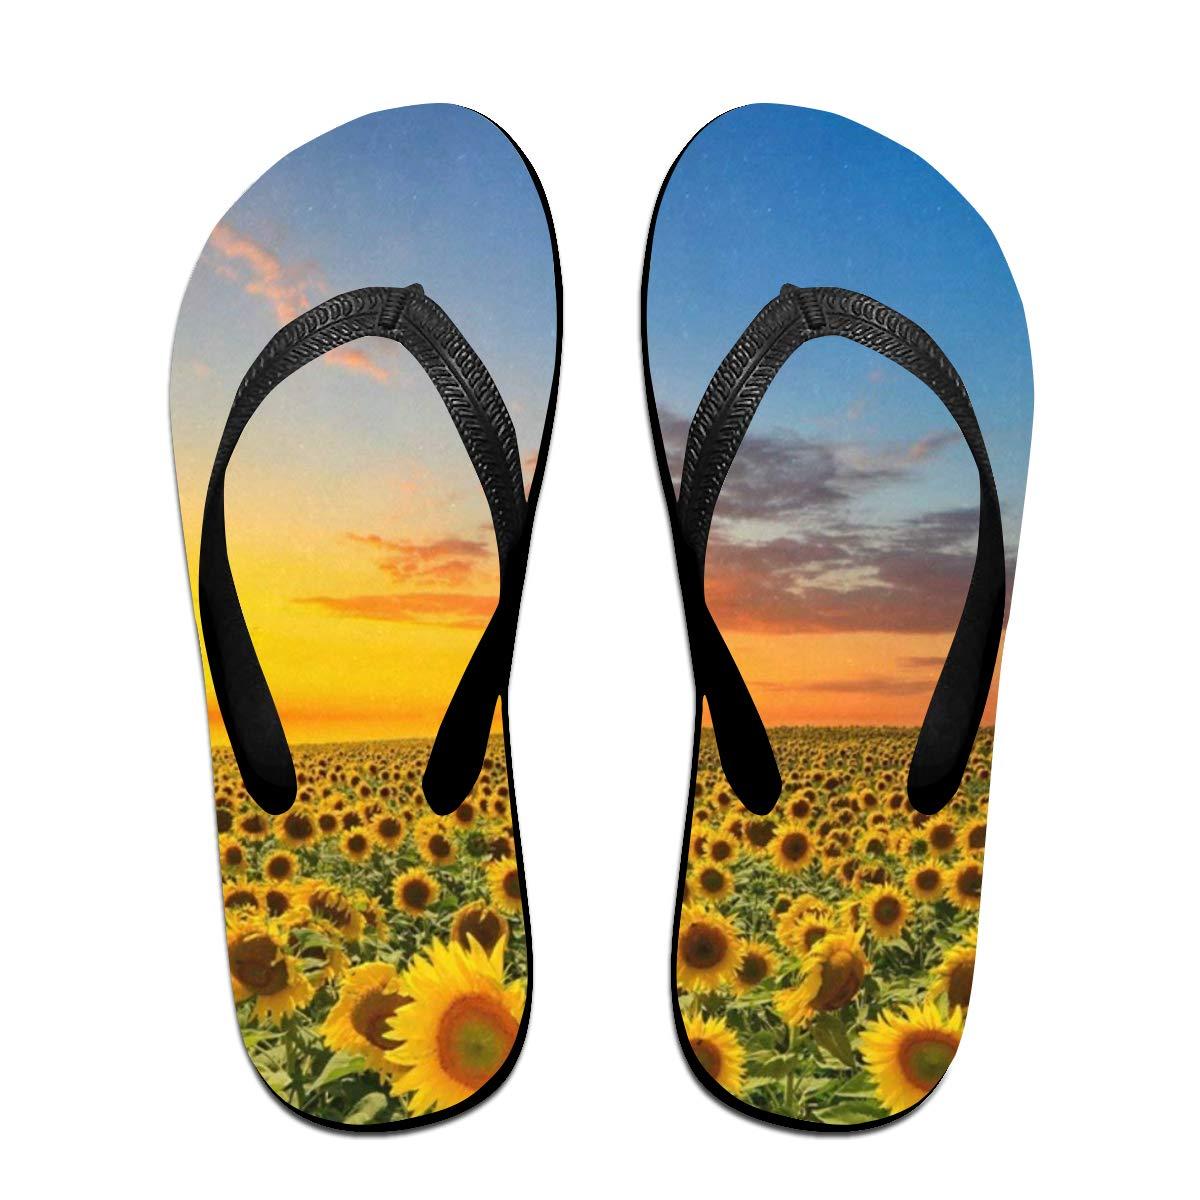 42151174bde5 Amazon.com  Flip Flops Sunflower Under The Sun Women s Summer Slippers  Thong Sandals For Teen  Shoes